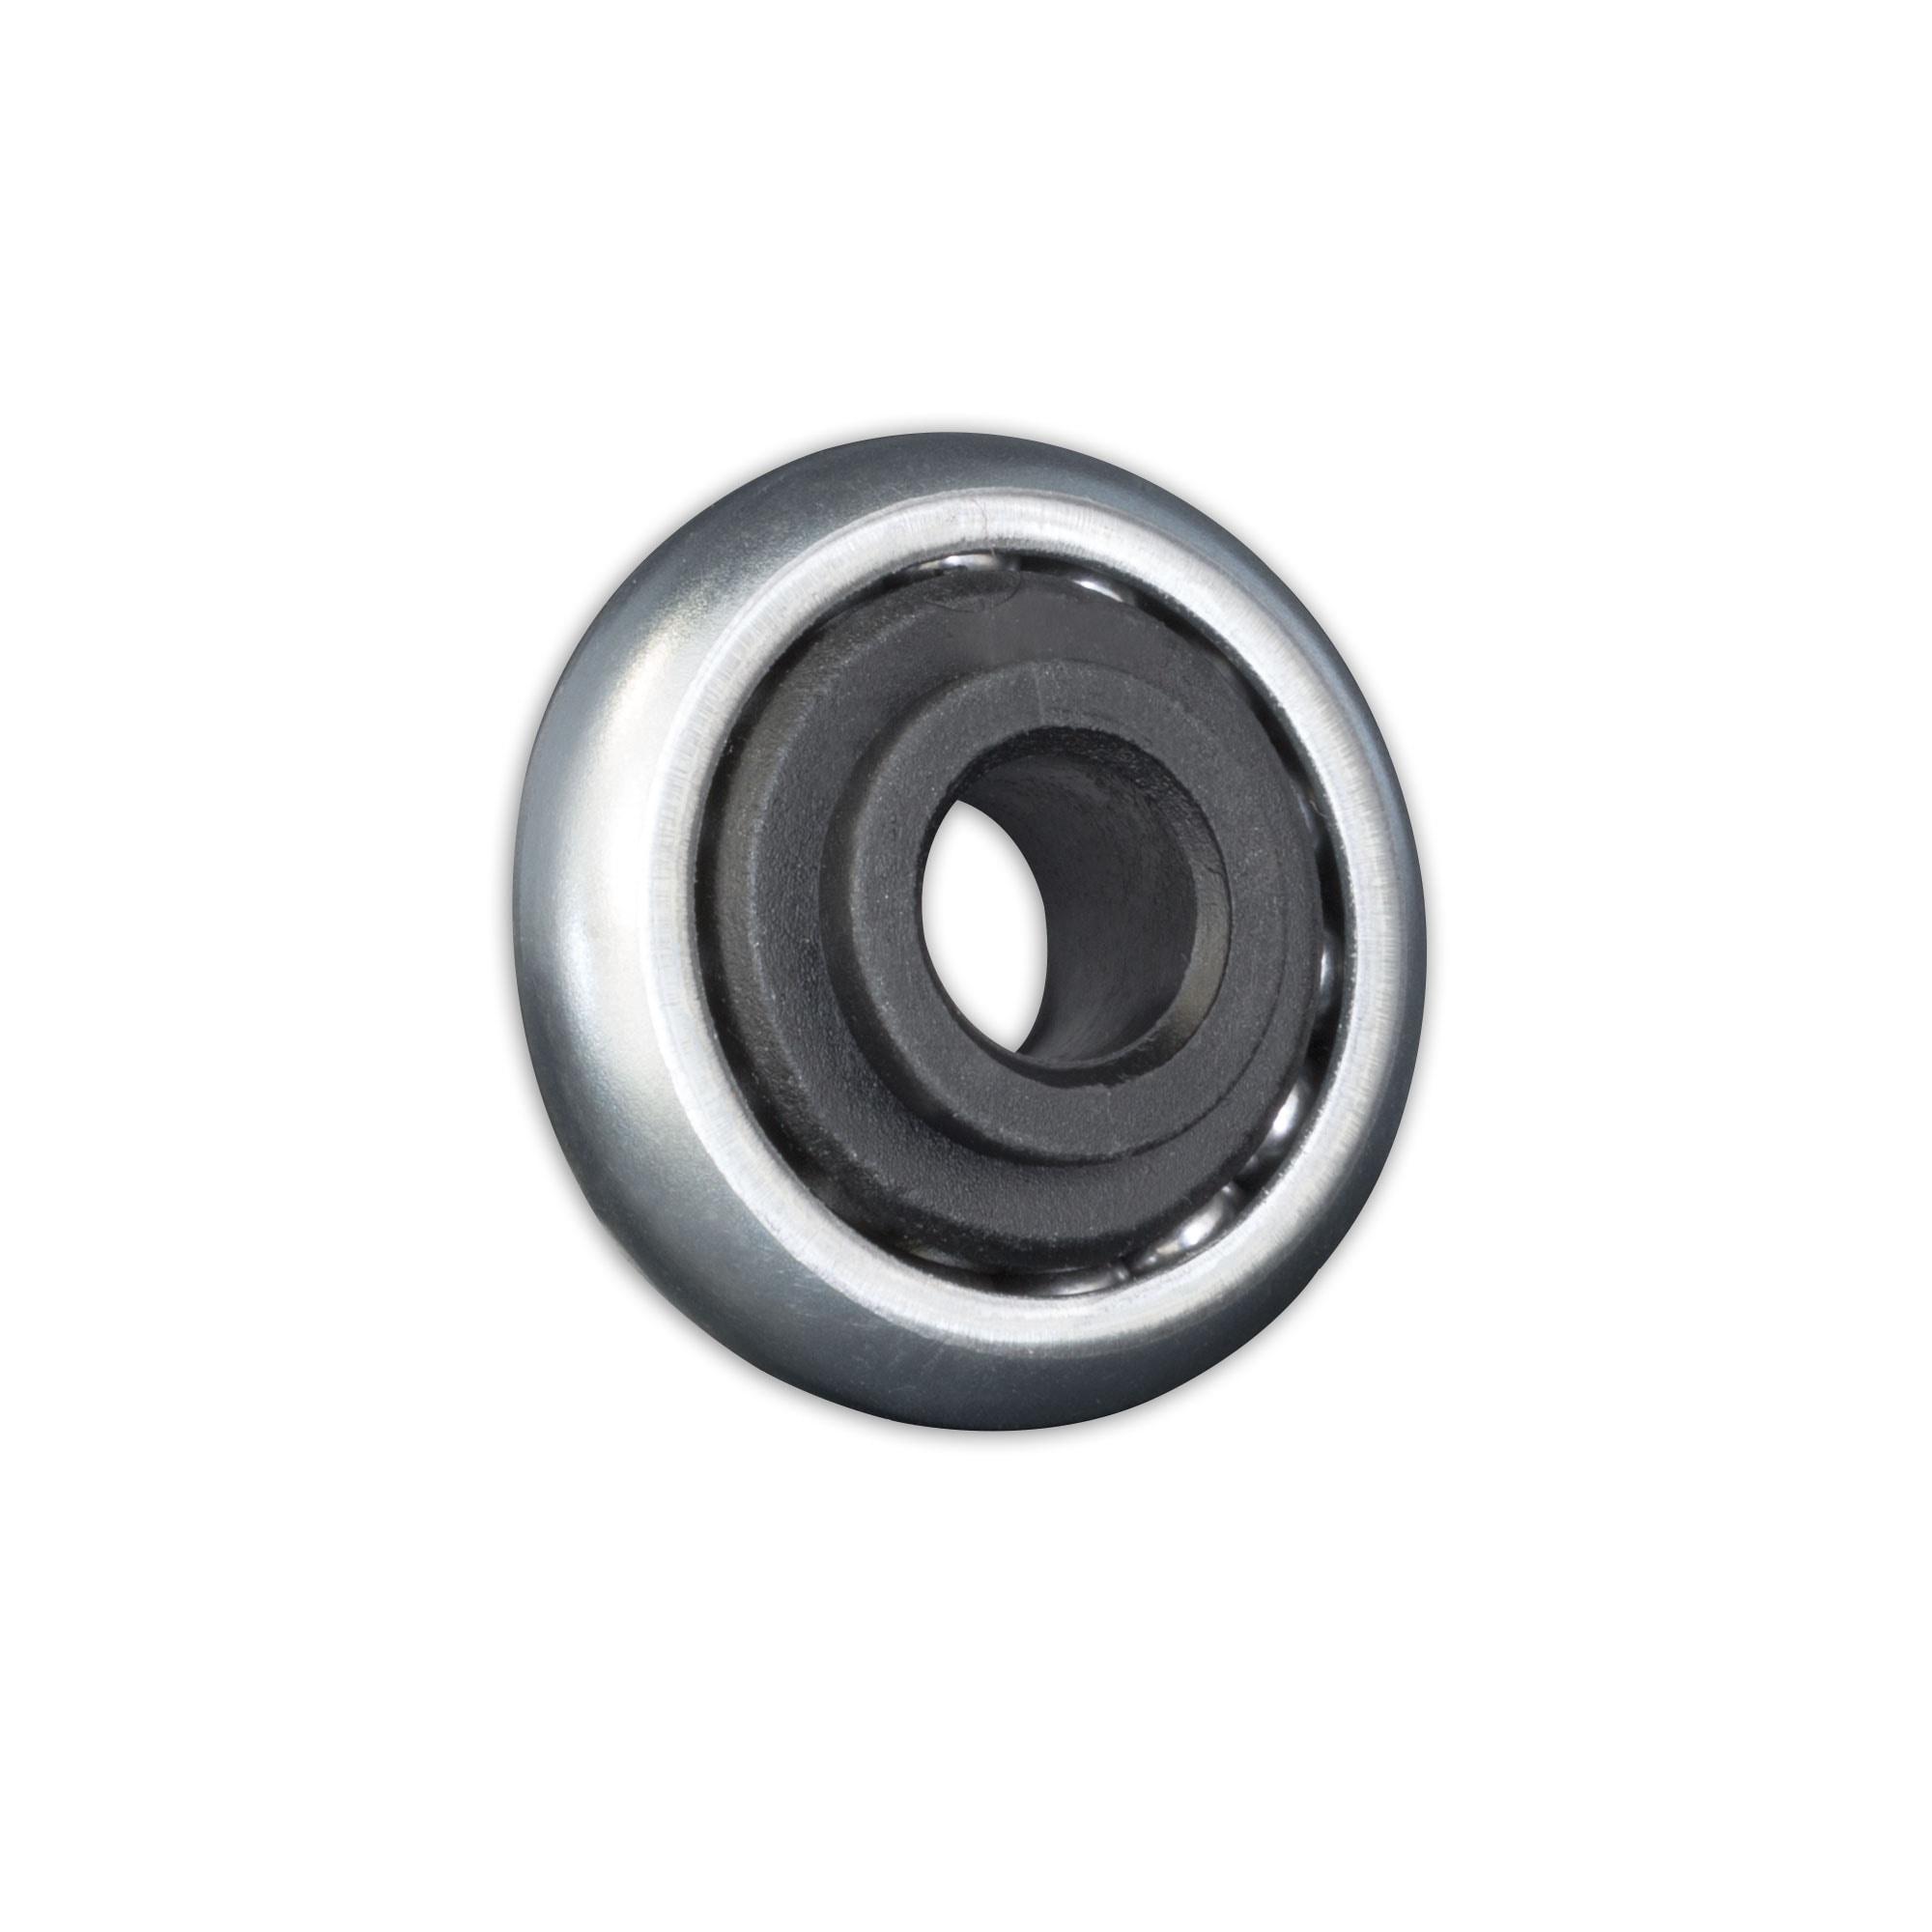 Kugellager Innendurchmesser 10 Mm : jarolift maxi kugellager 40mm mit bund 10mm ~ A.2002-acura-tl-radio.info Haus und Dekorationen